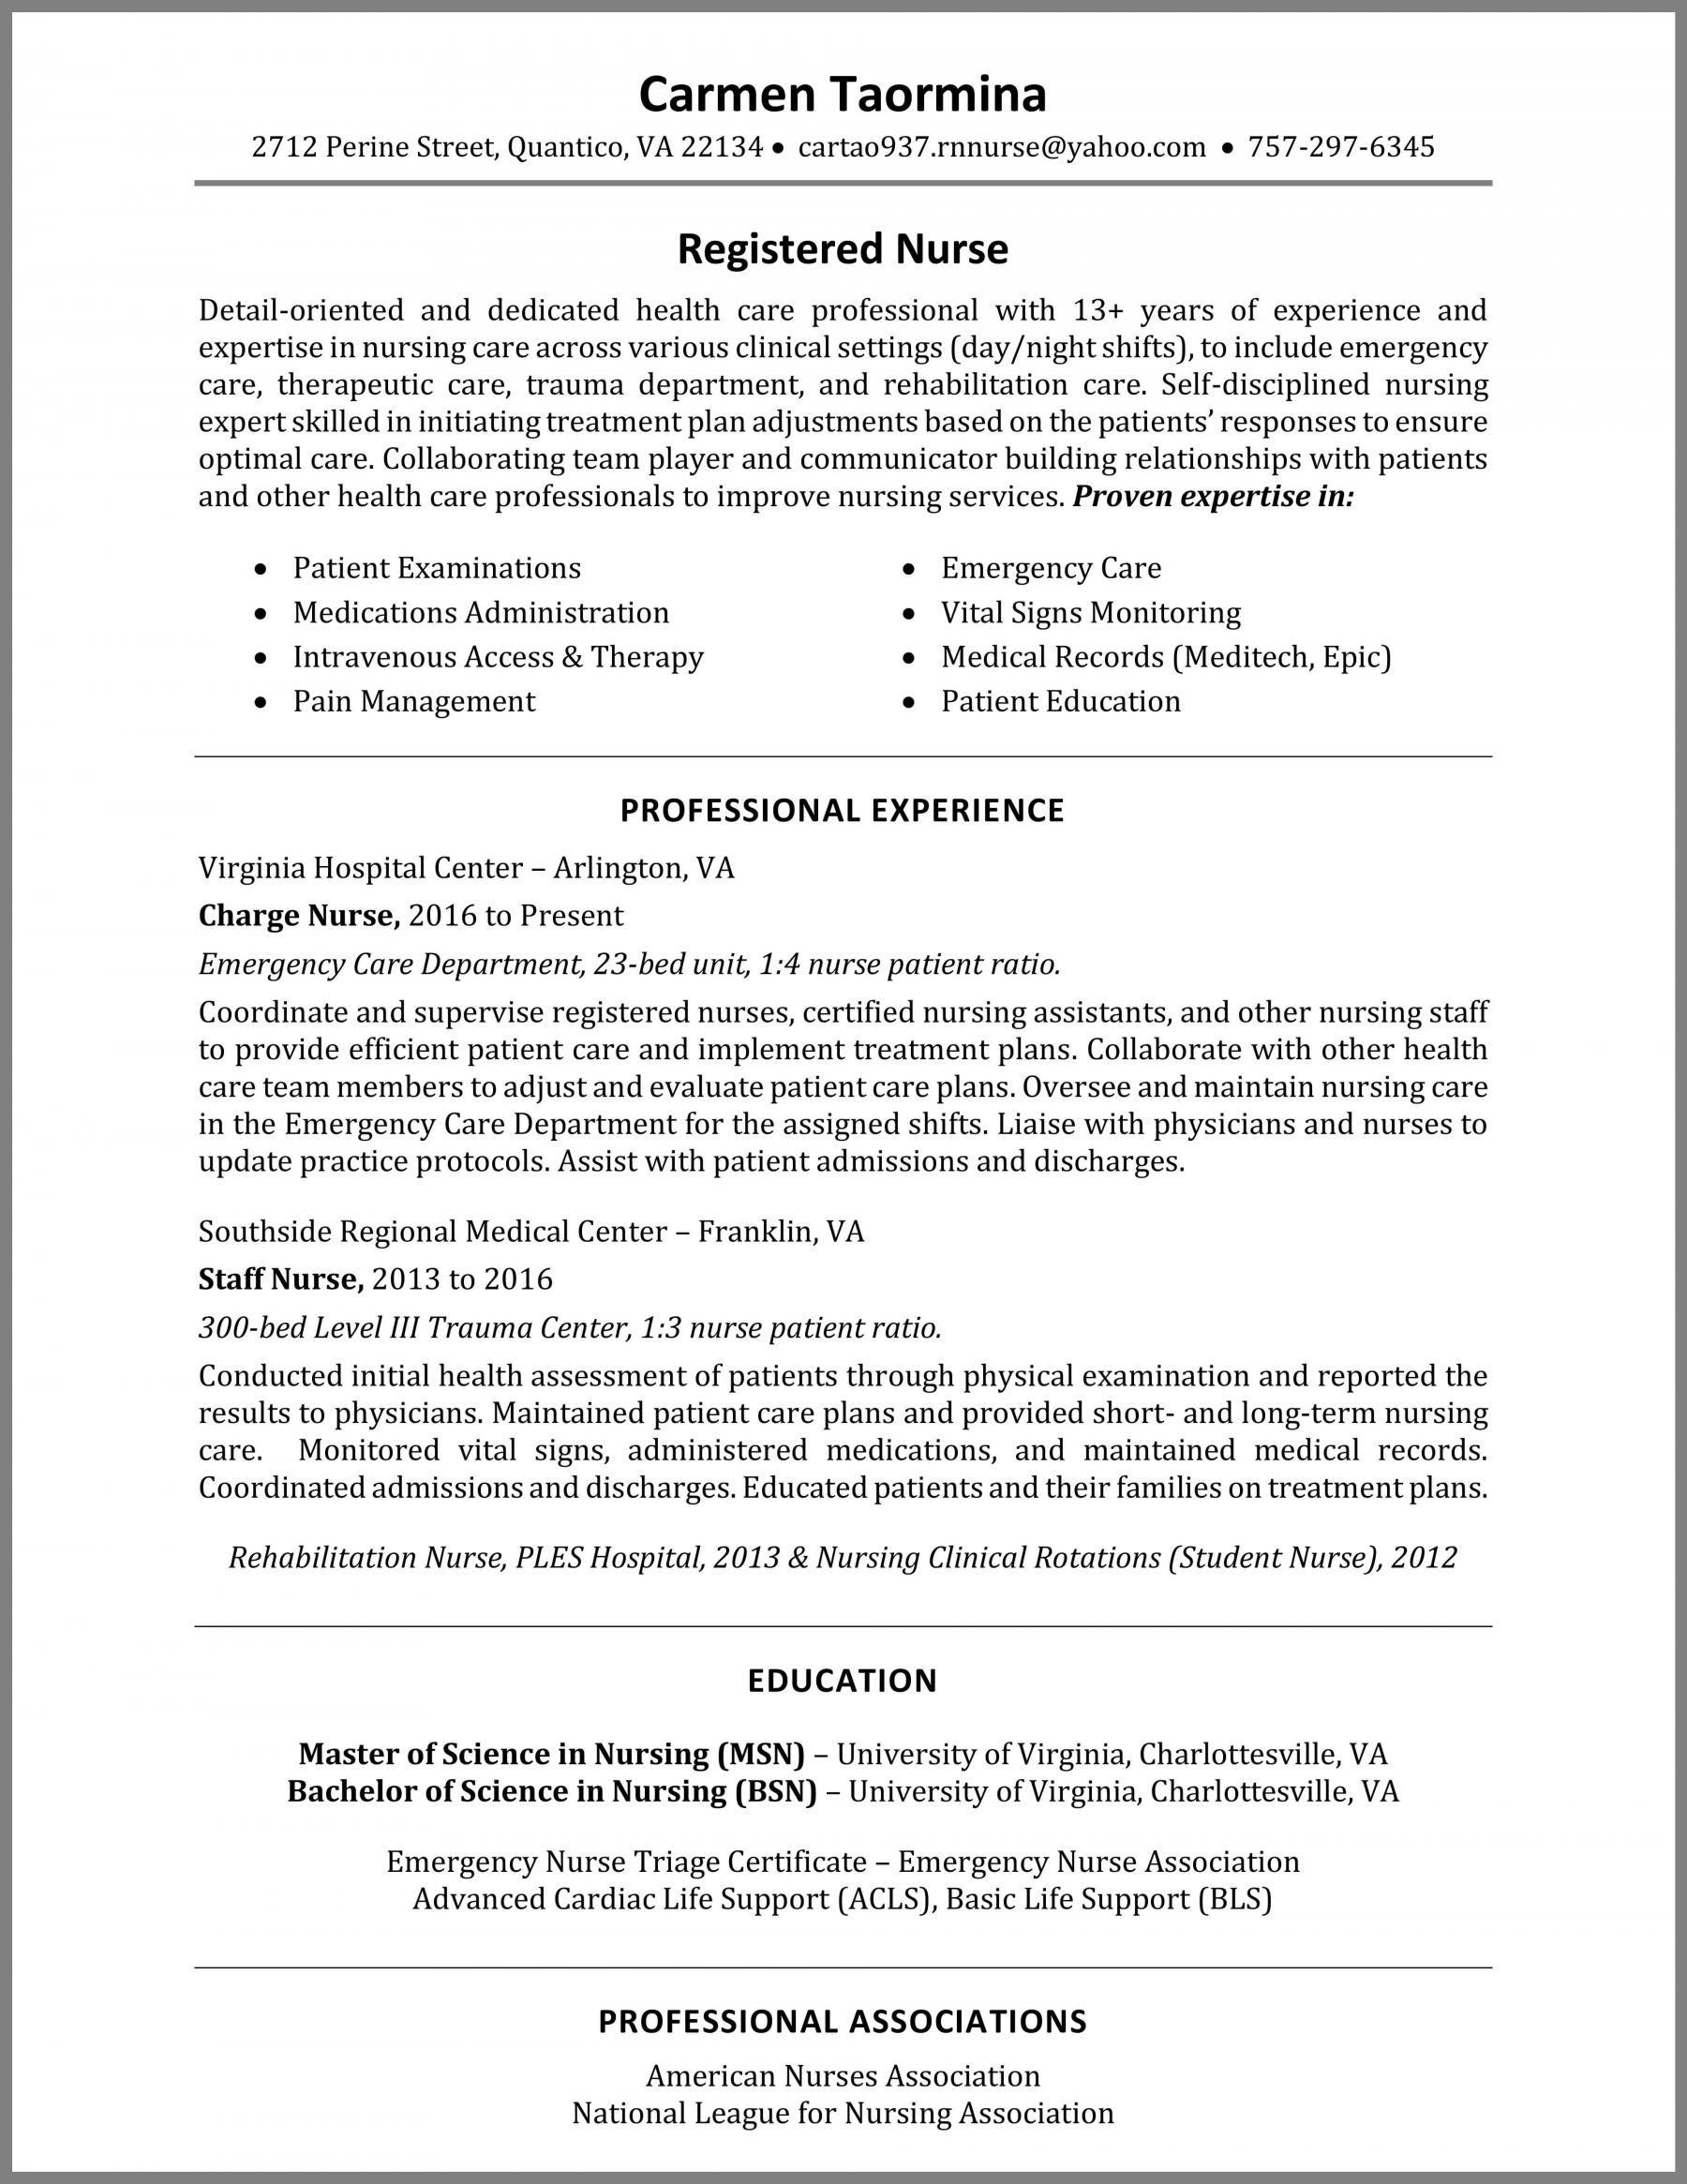 How To Write A Nurse Resume Example Nursing Resume Examples Registered Nurse Resume Nursing Resume Template